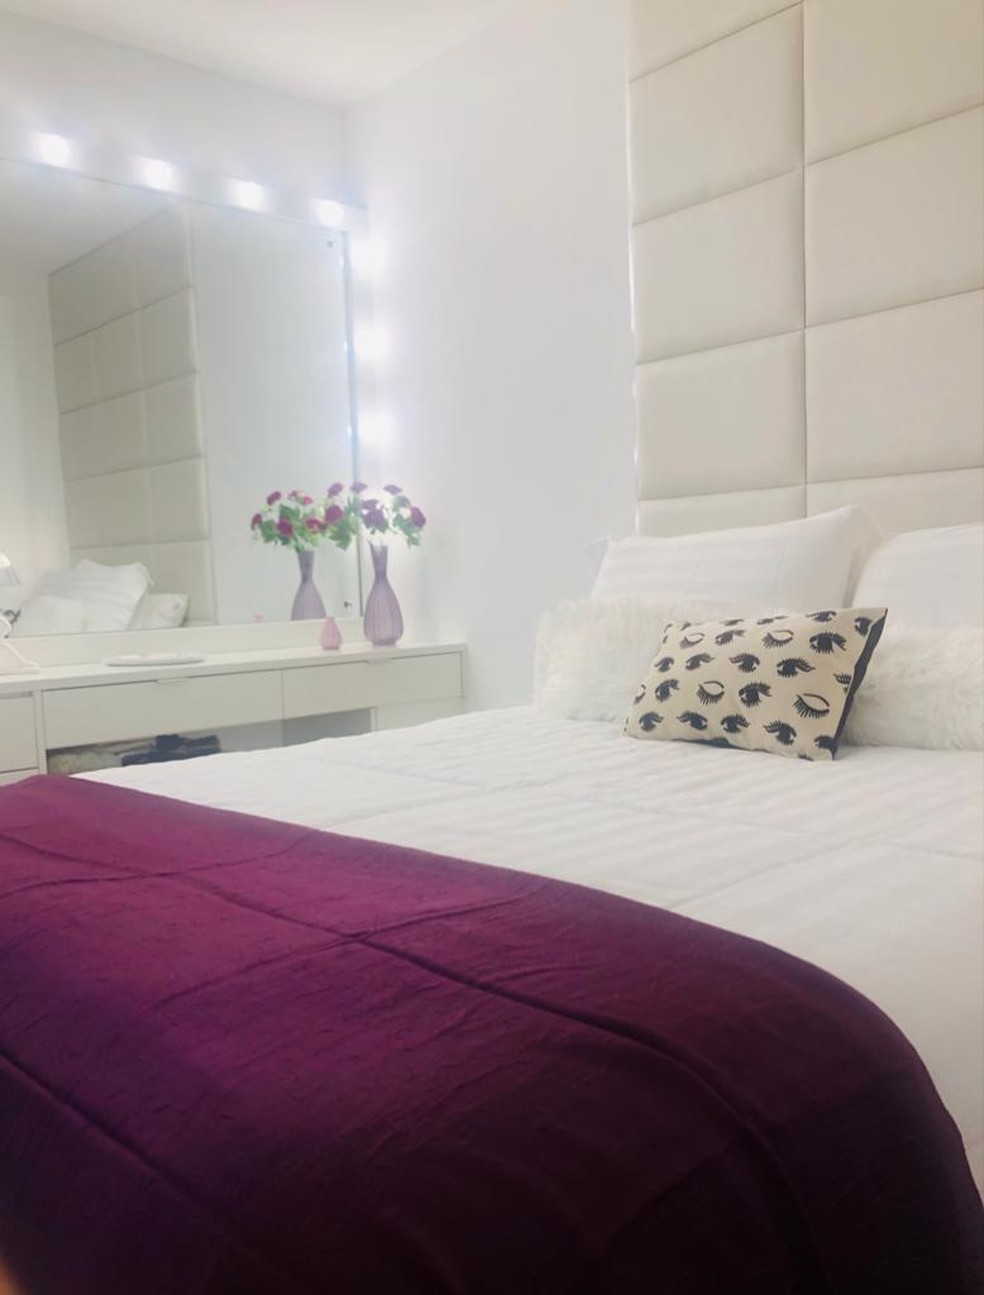 Carla Diaz mostra seu quarto com luzes de camarim, um sonho antigo  — Foto: Vinícius Mochizuki/Divulgação